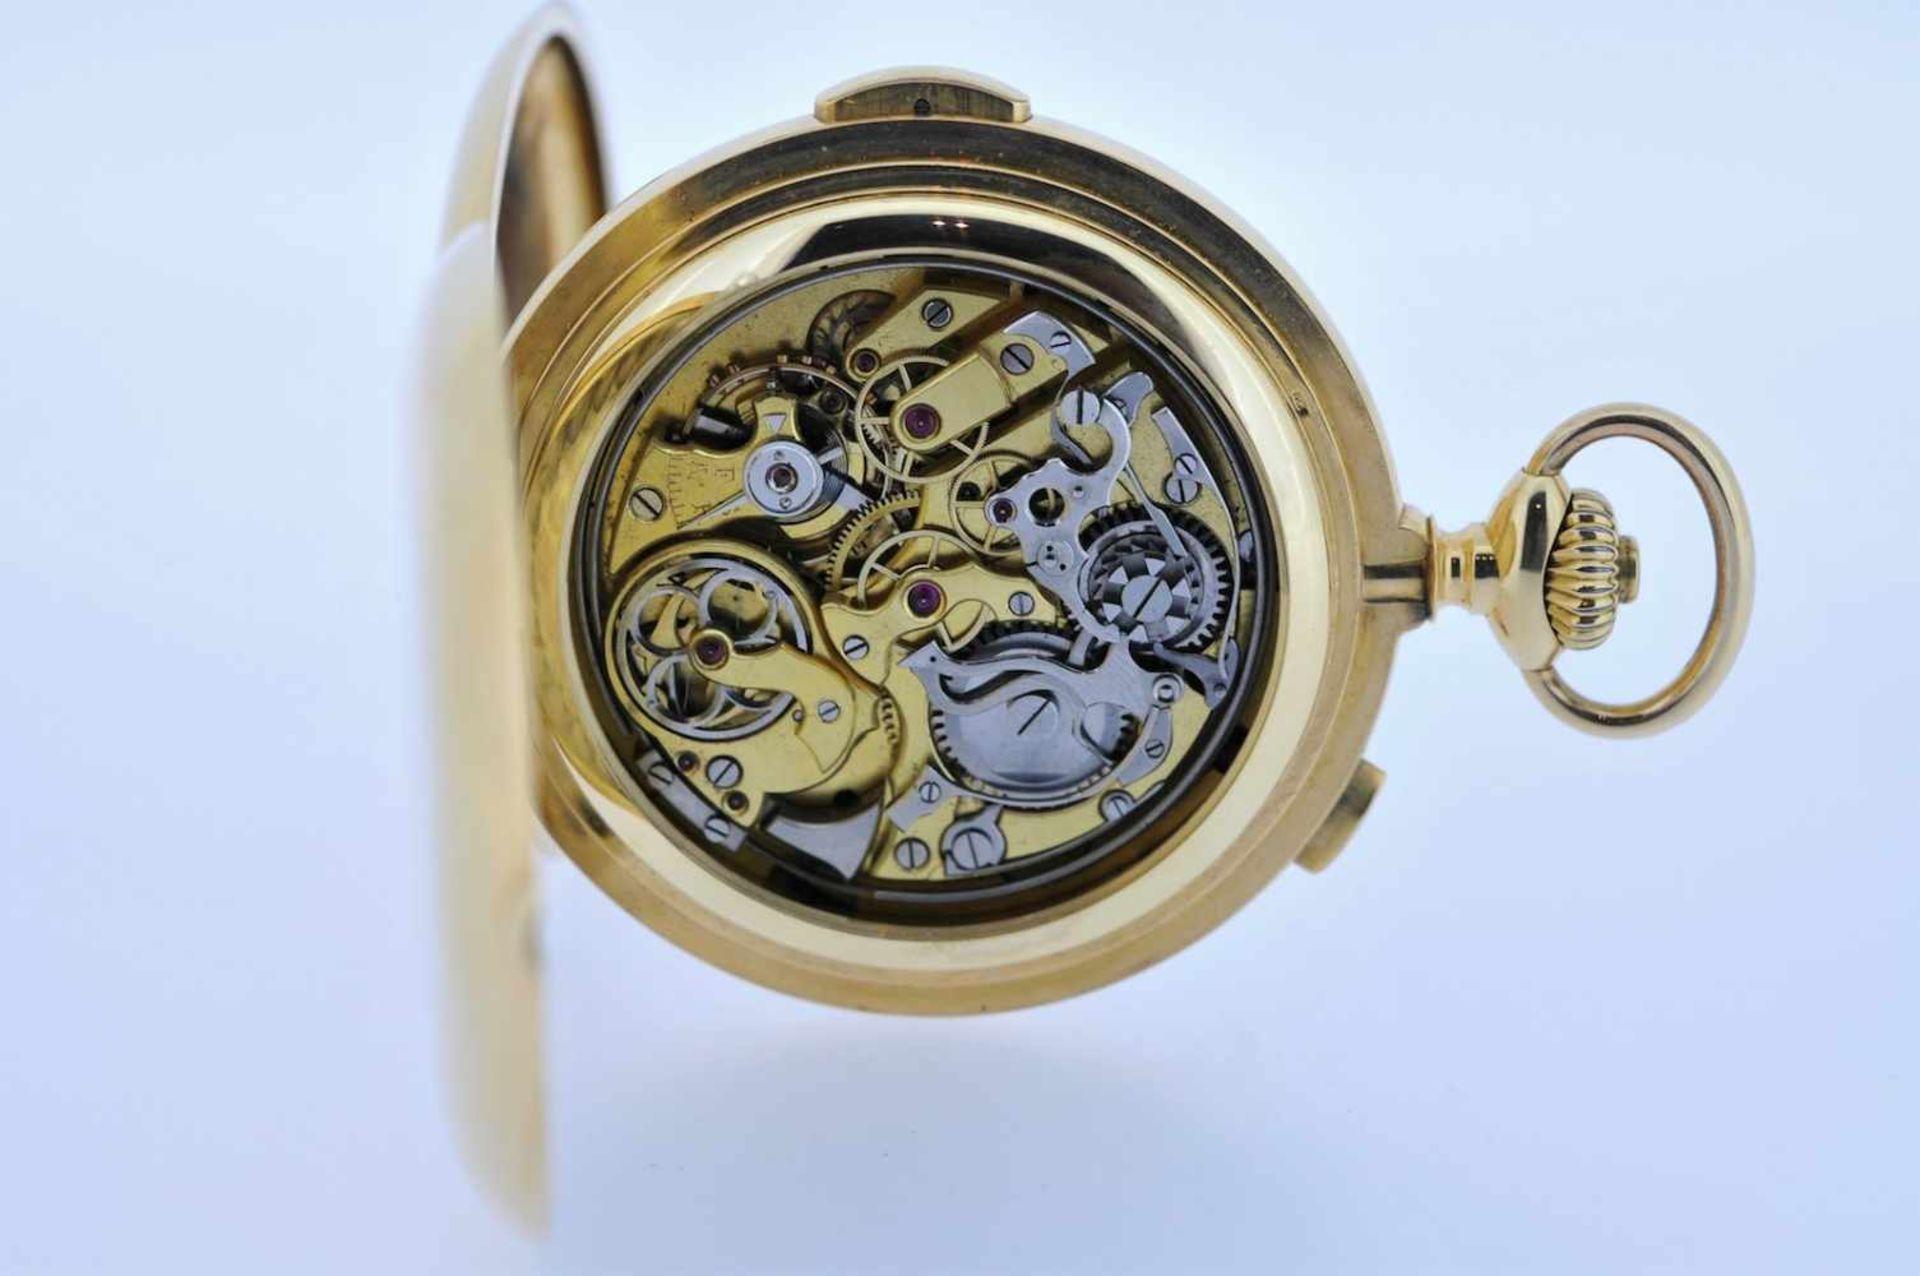 Los 34 - Minutenrepetierer Goldene 18 karätige Taschenuhr mit Minutenschlagwerk, kleiner Sekunde und